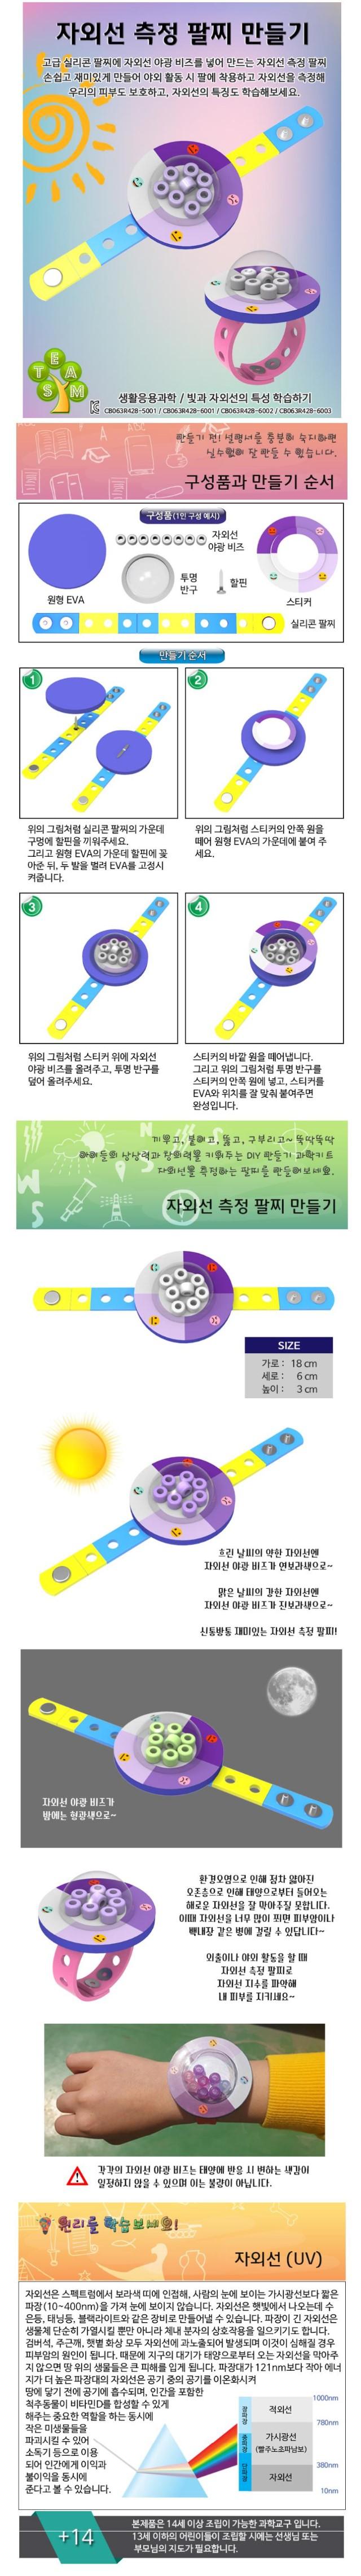 자외선 측정팔찌만들기.JPG